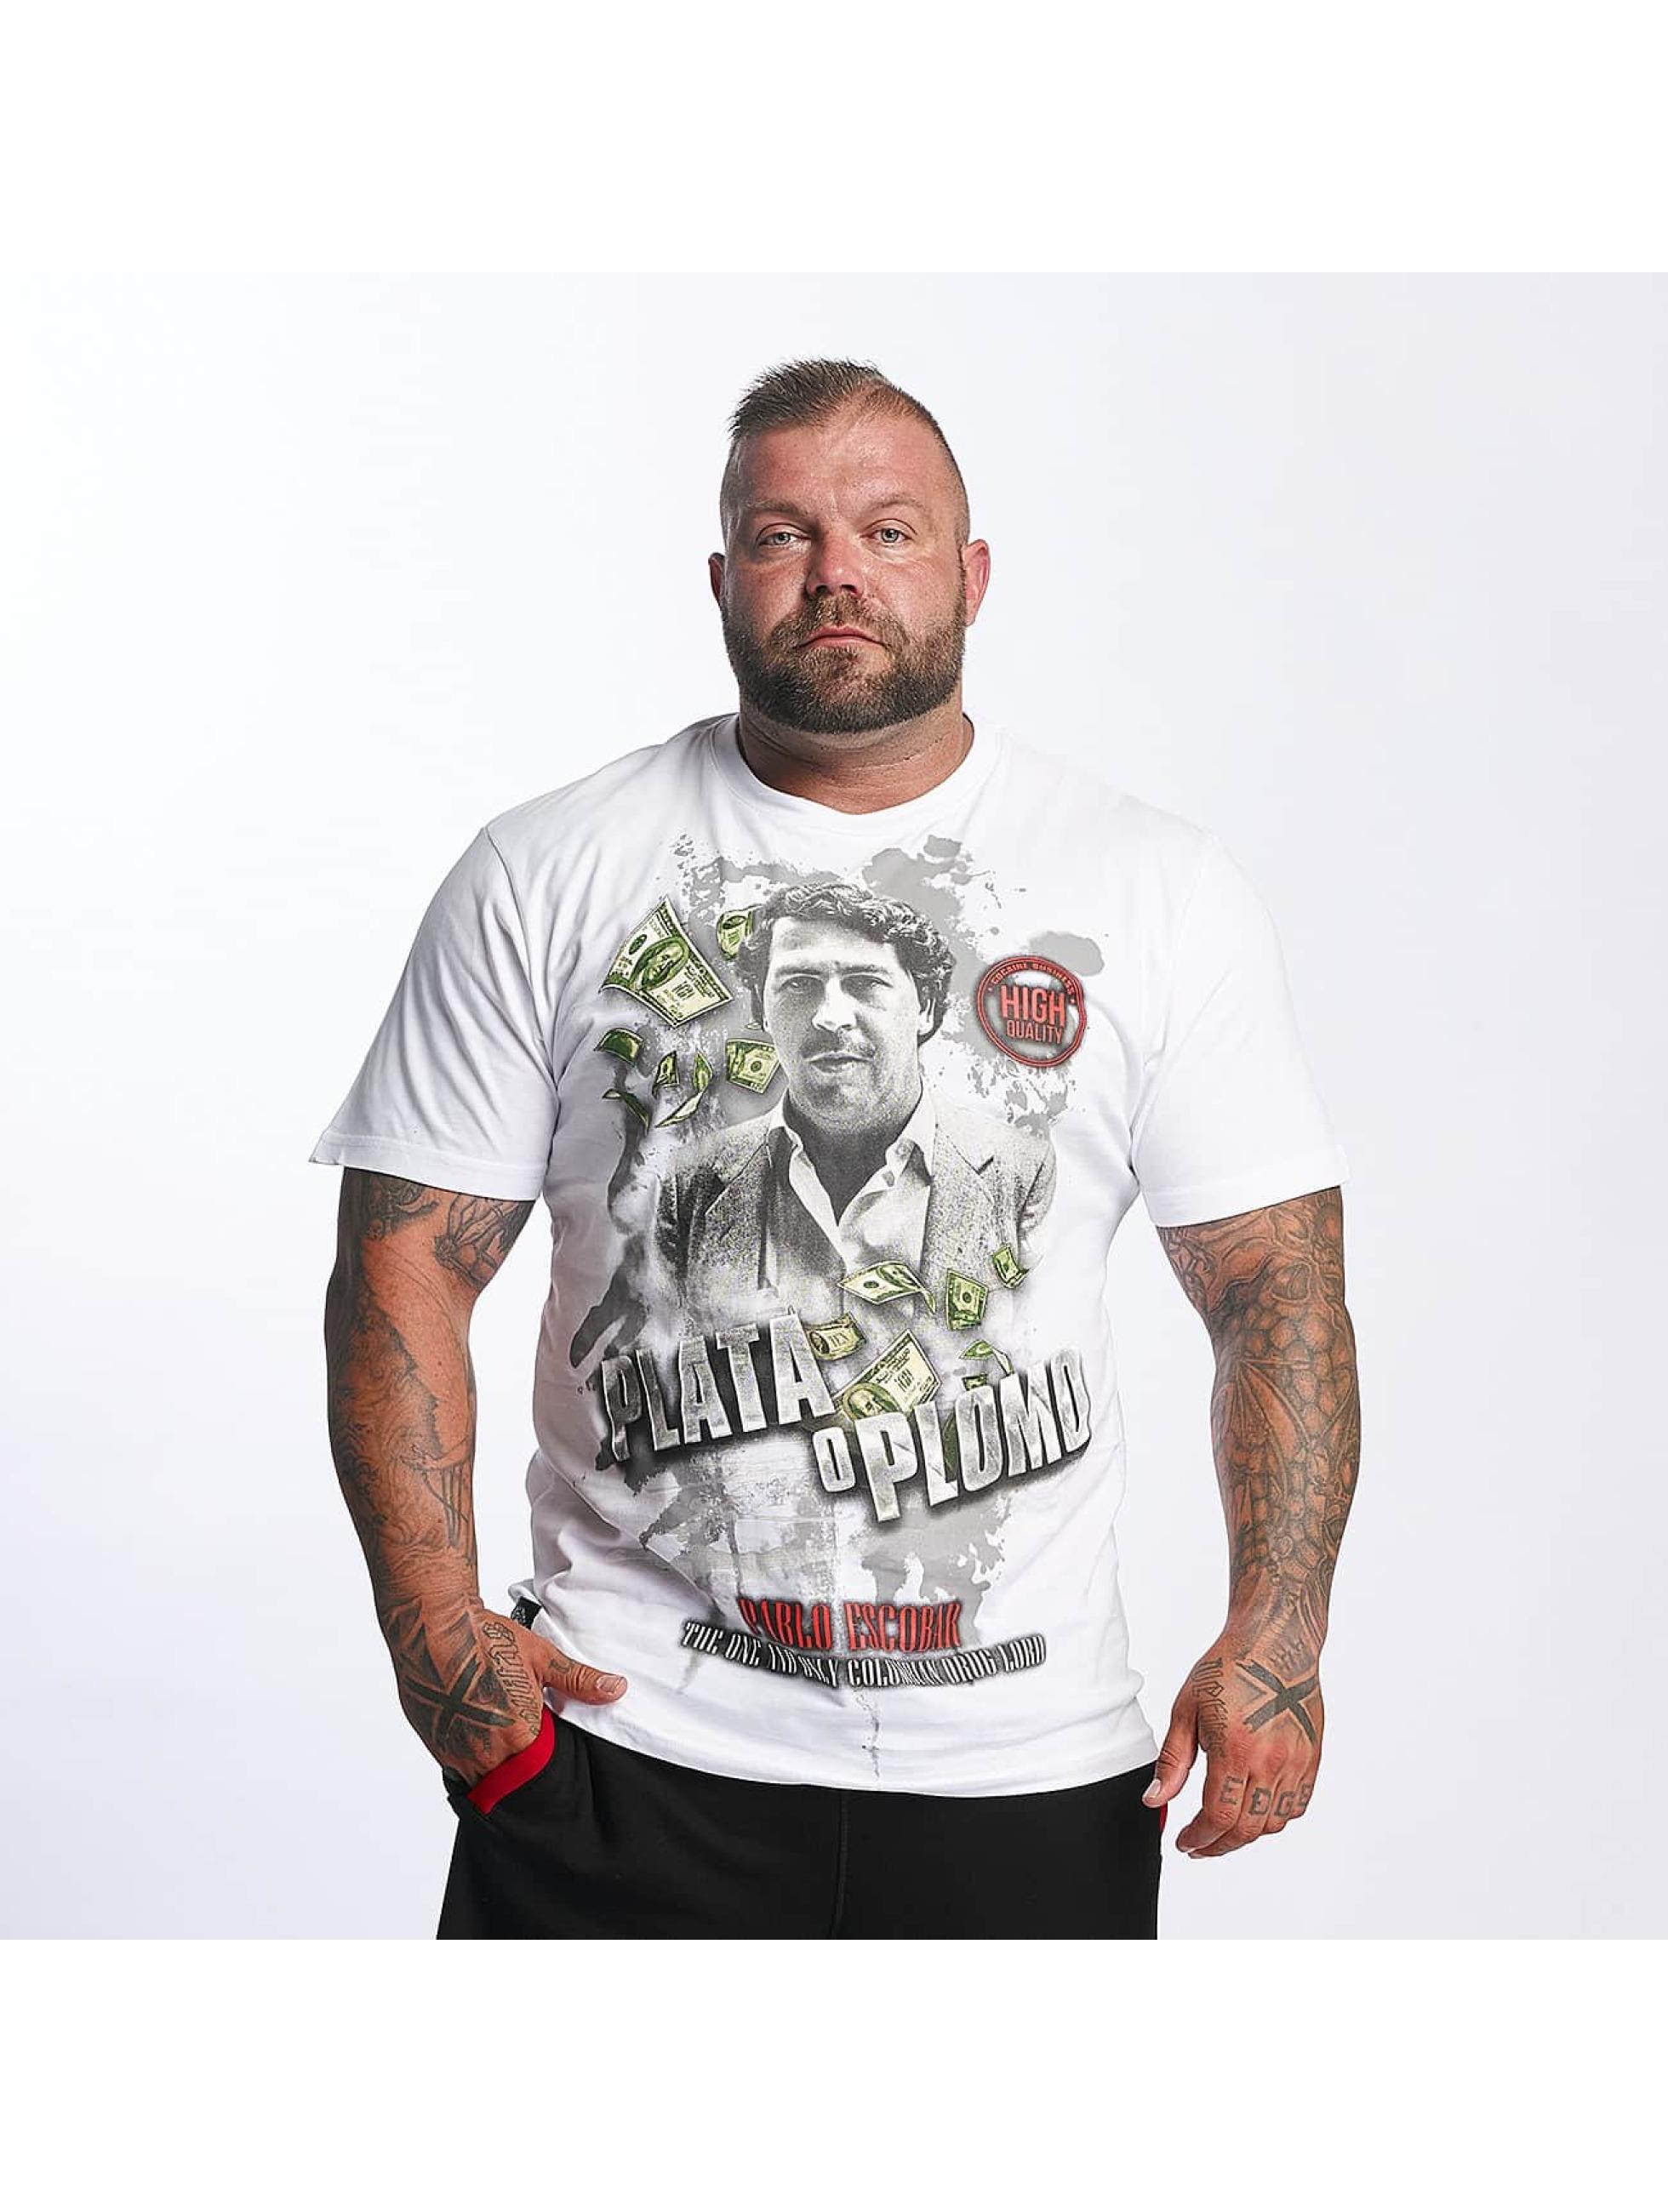 Mafia & Crime t-shirt Plata o Plomo wit